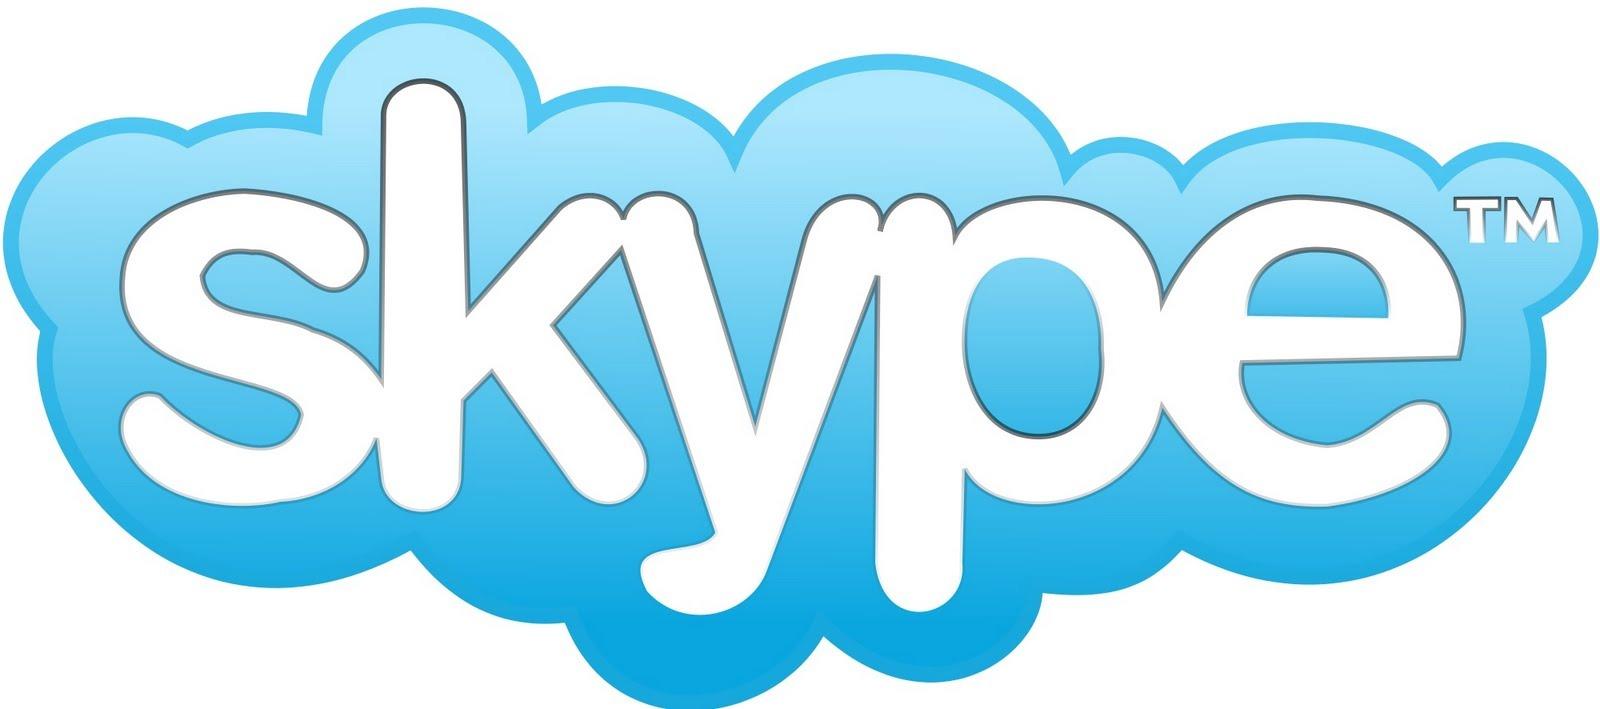 Povezava programa Skype z uporabniškim računom Facebook prinaša številne izjemno uporabne prednosti!